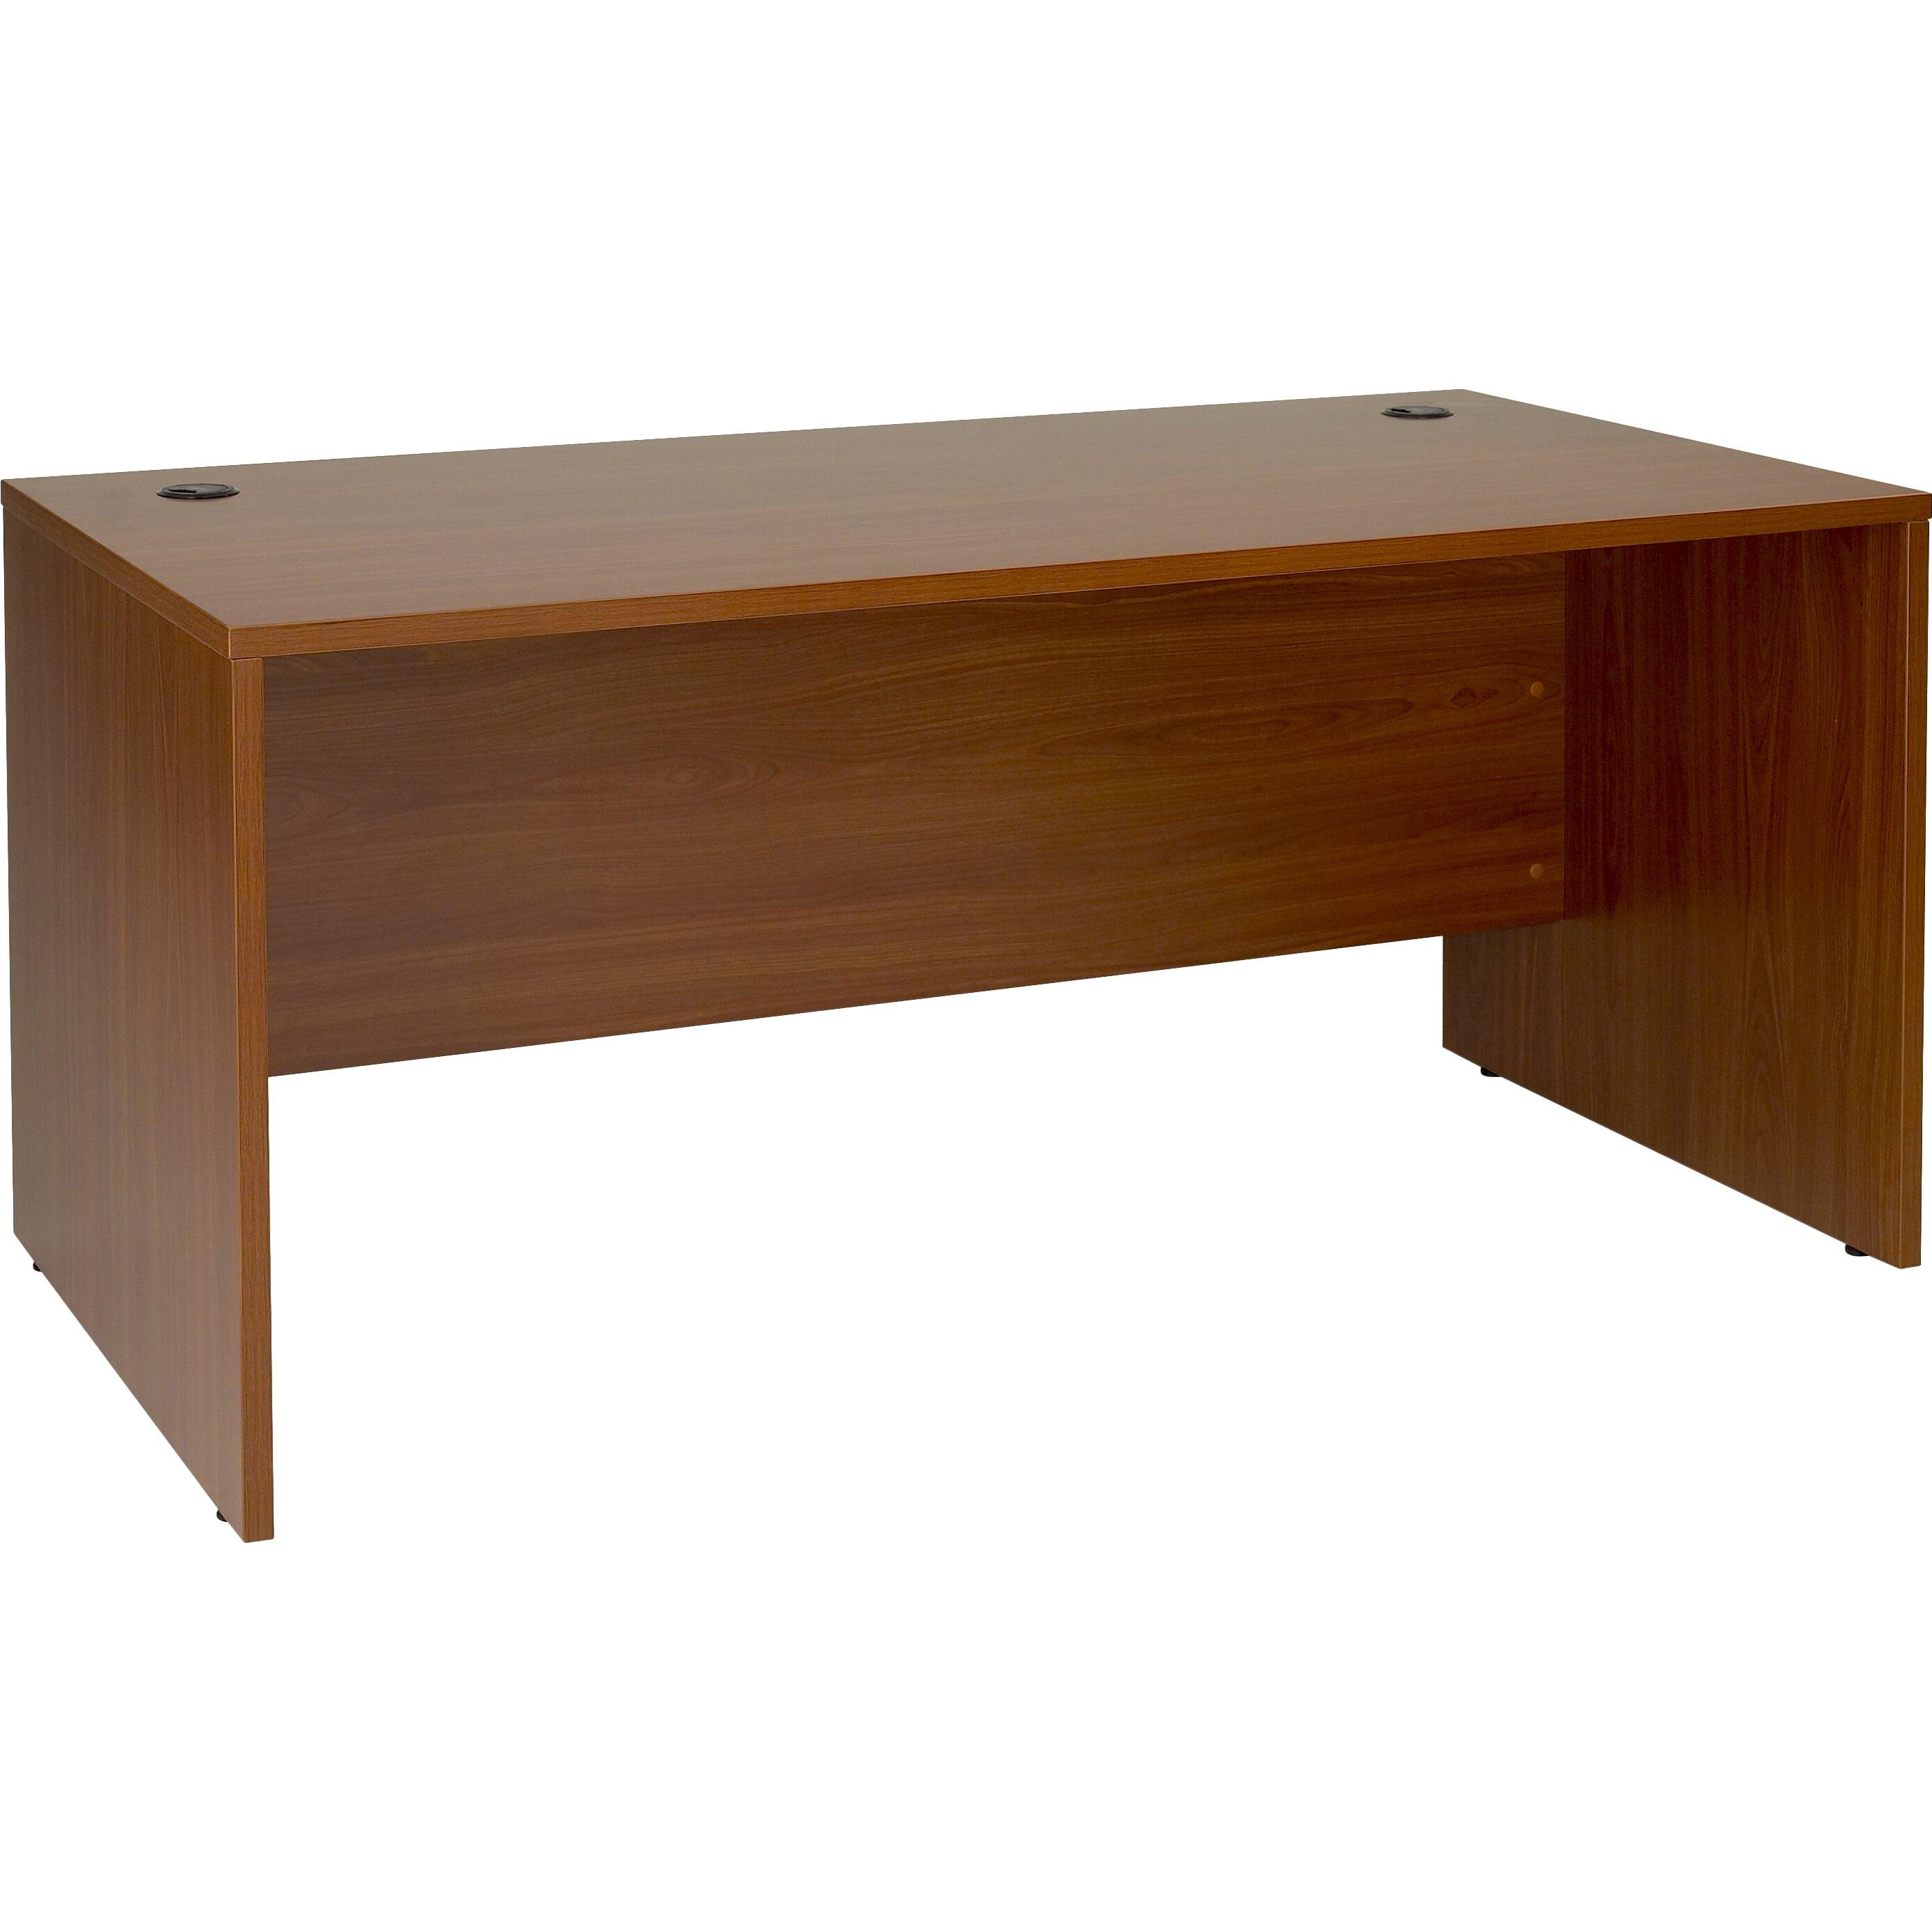 Unique Furniture 100 Collection Desk Shell Reviews Wayfair